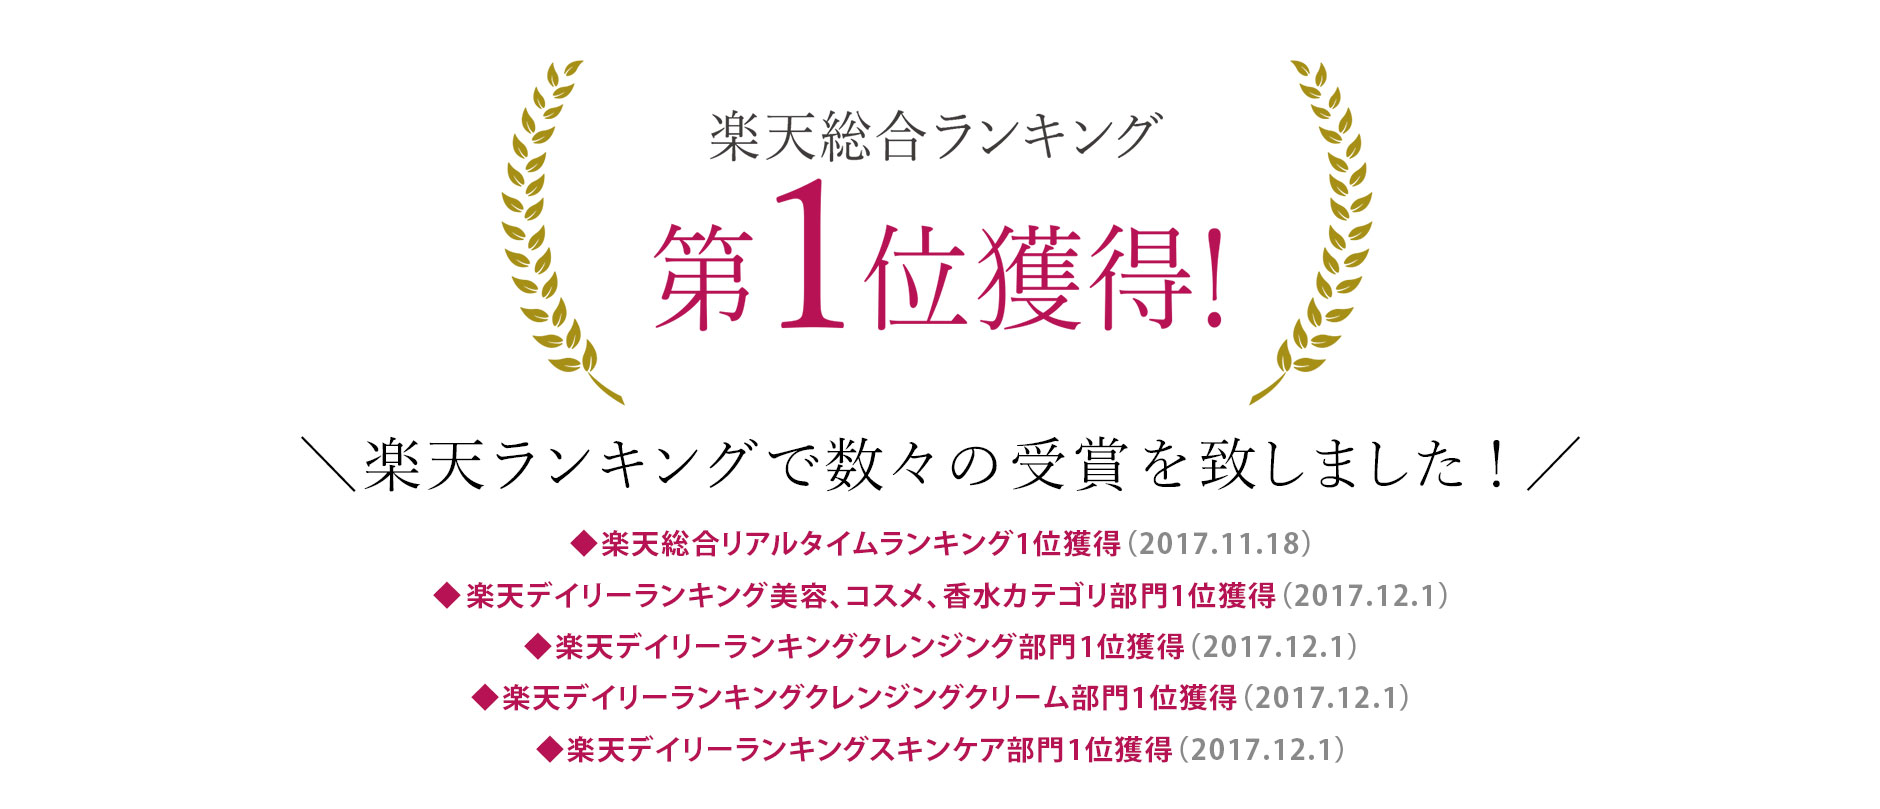 楽天総合ランキング第1位獲得!期間:2017年11月18日時点(楽天総合リアルタイムランキング総合1位)